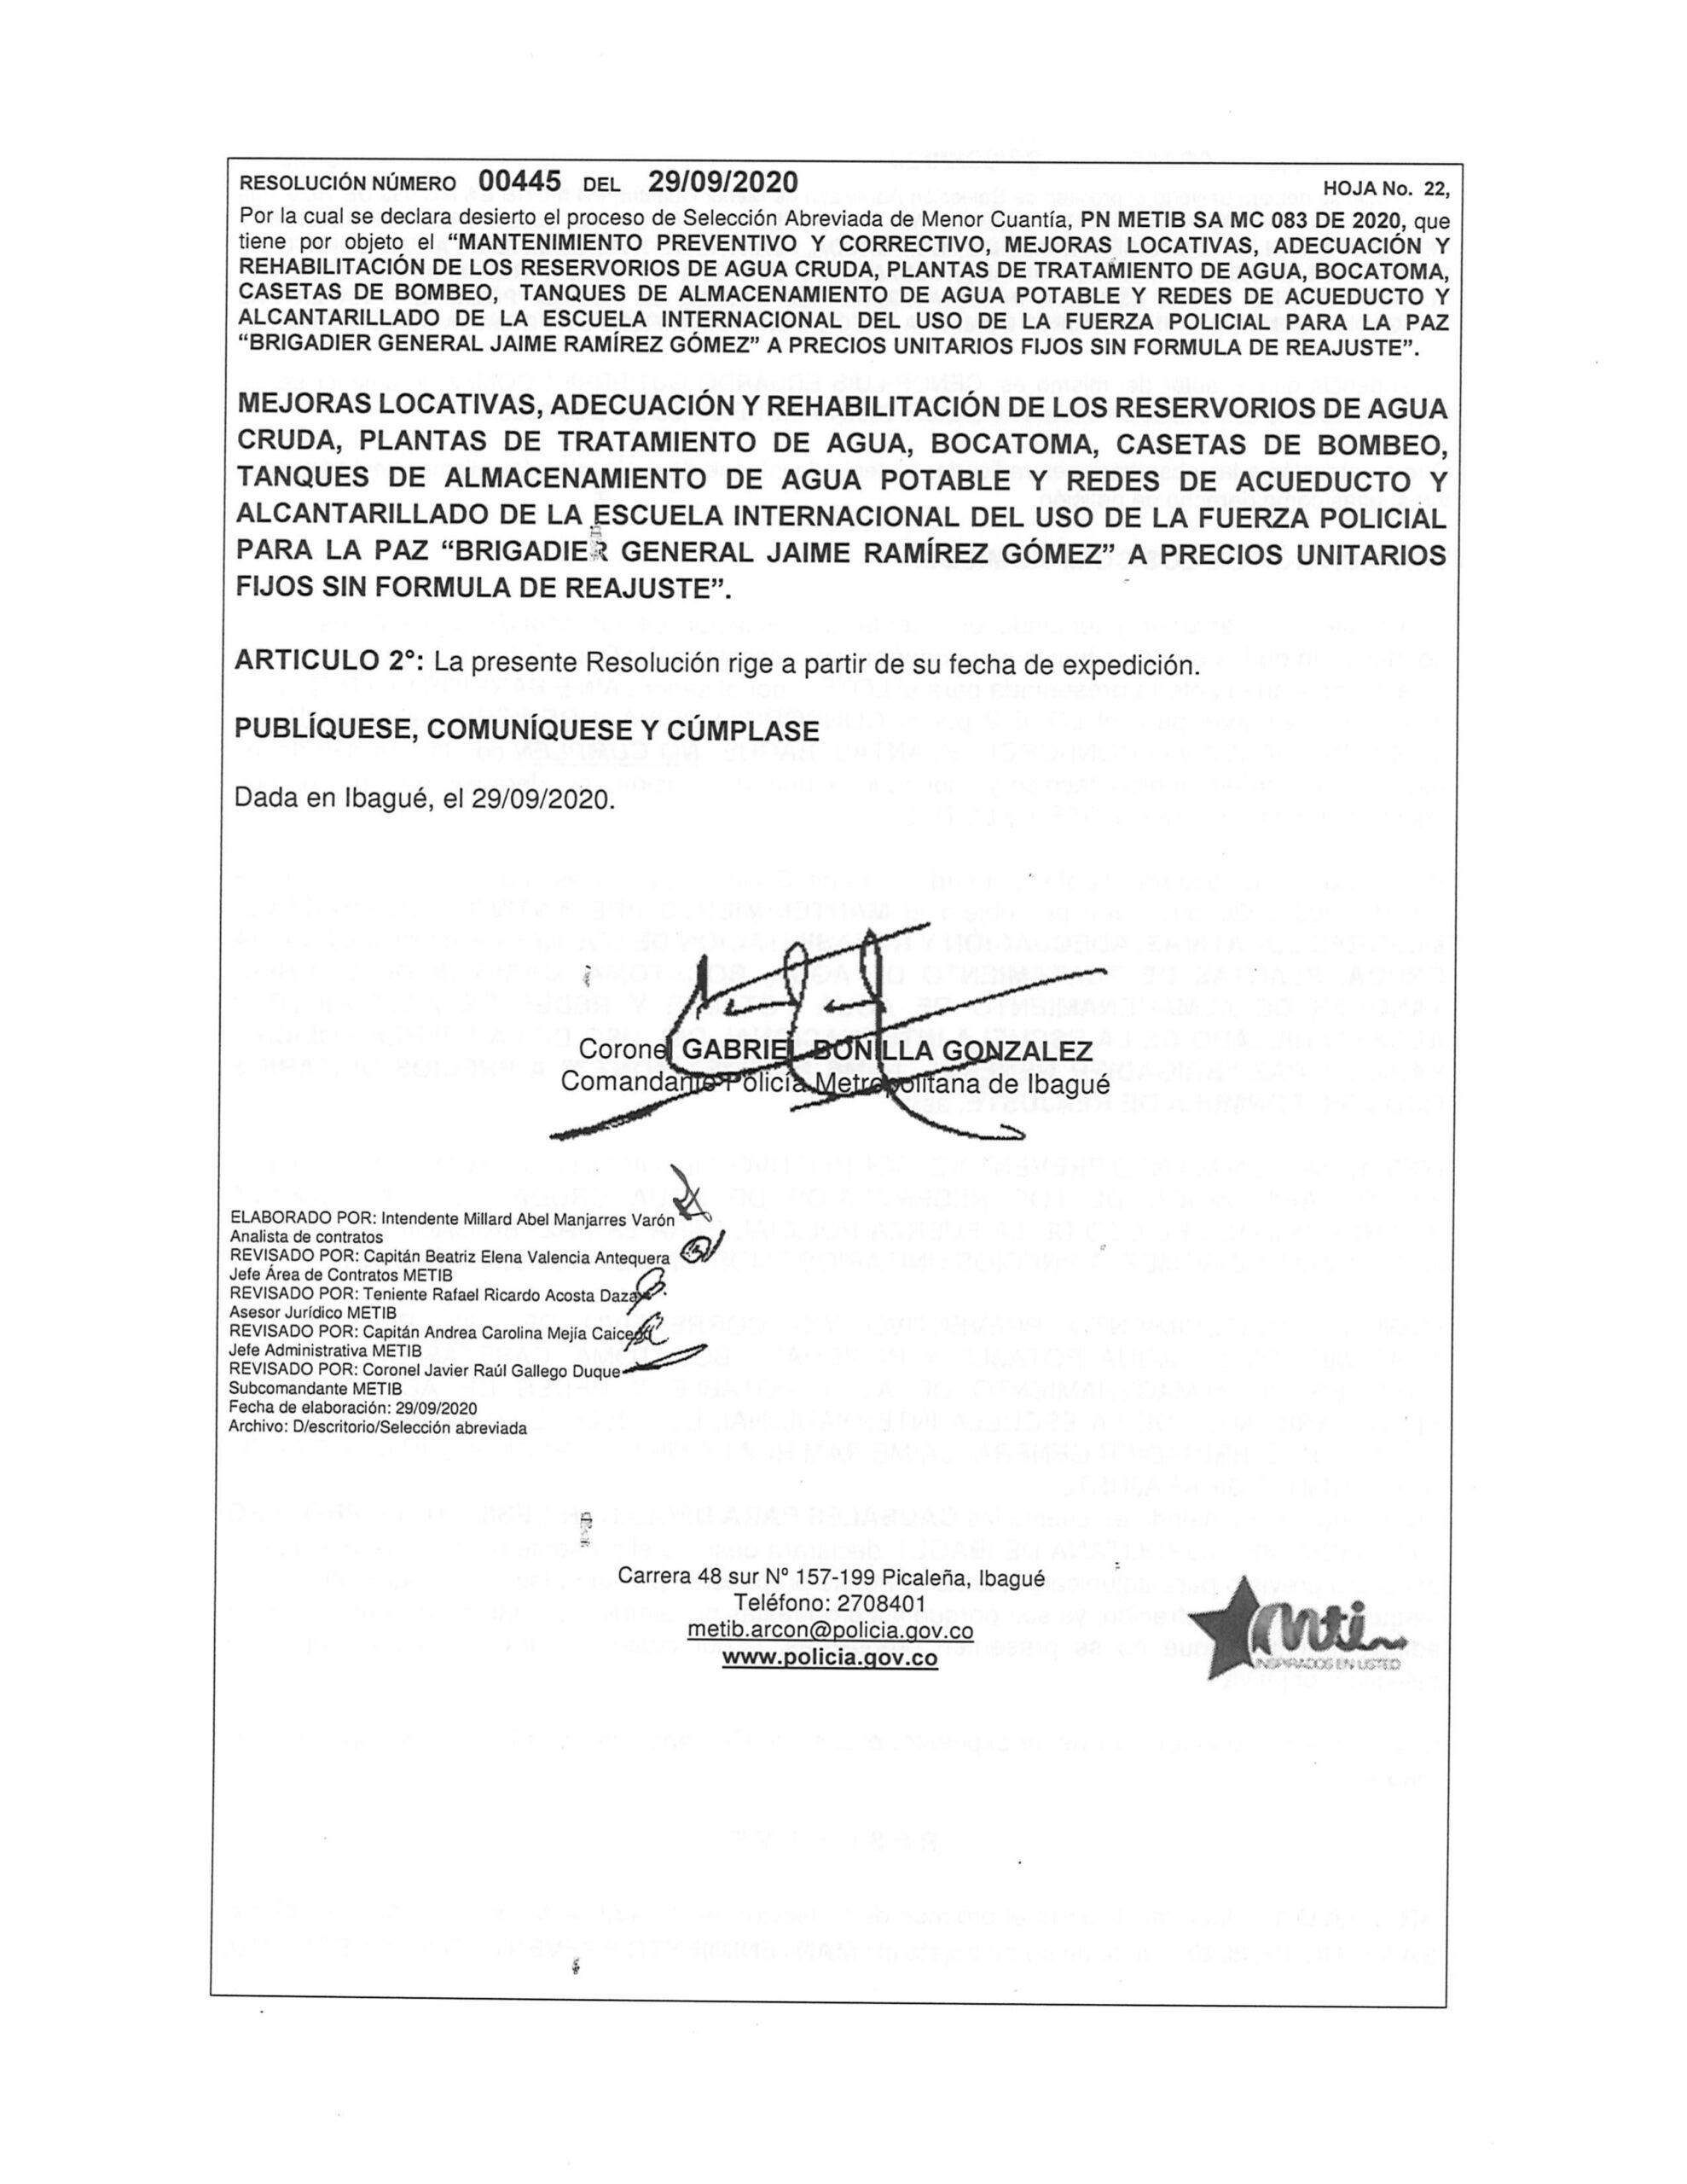 Declaran desierta licitación de la Policía que fue denunciada por presuntas irregularidades 4